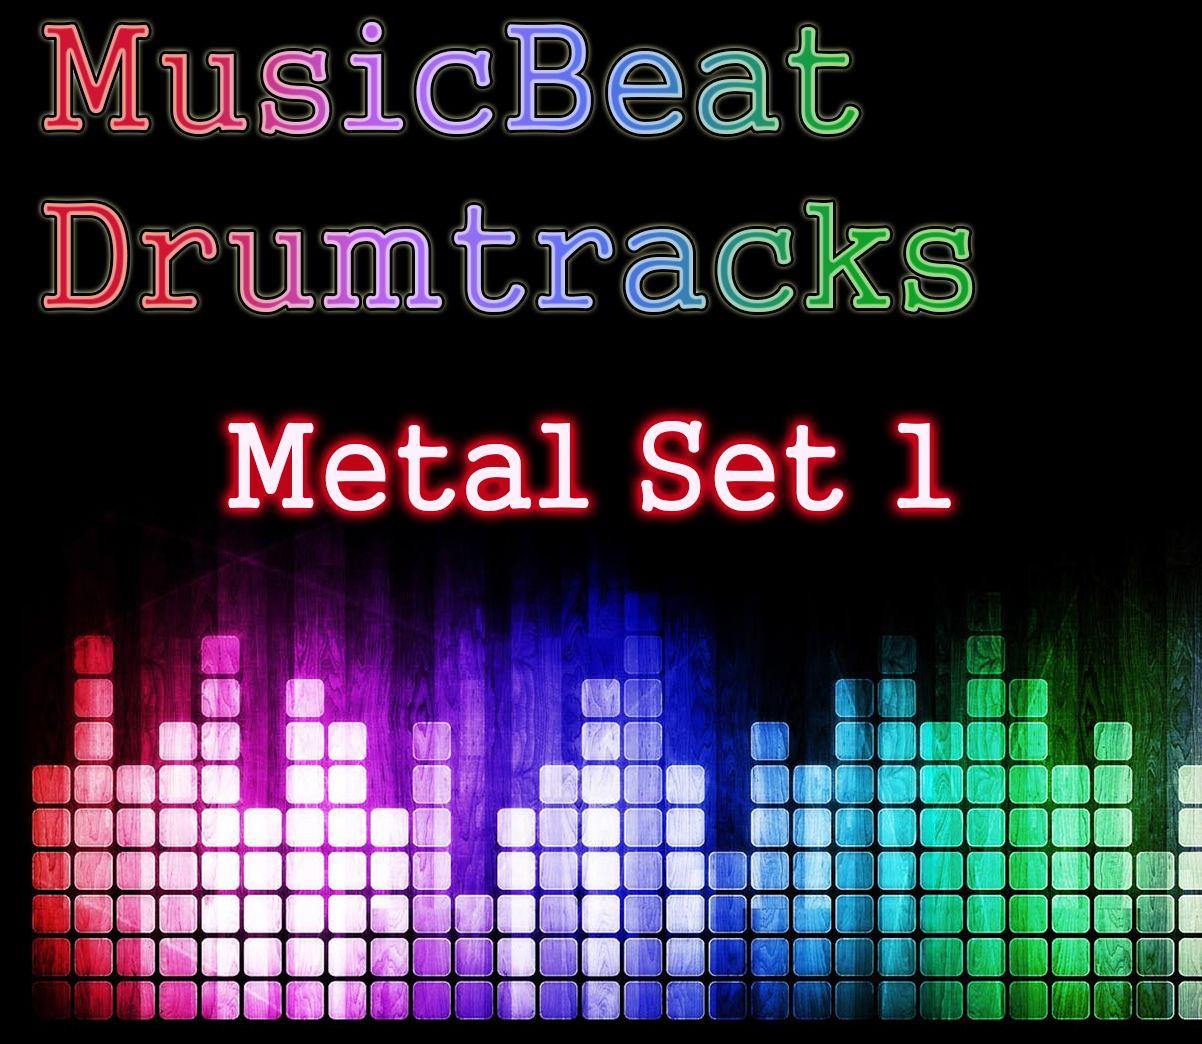 Metal Set 1